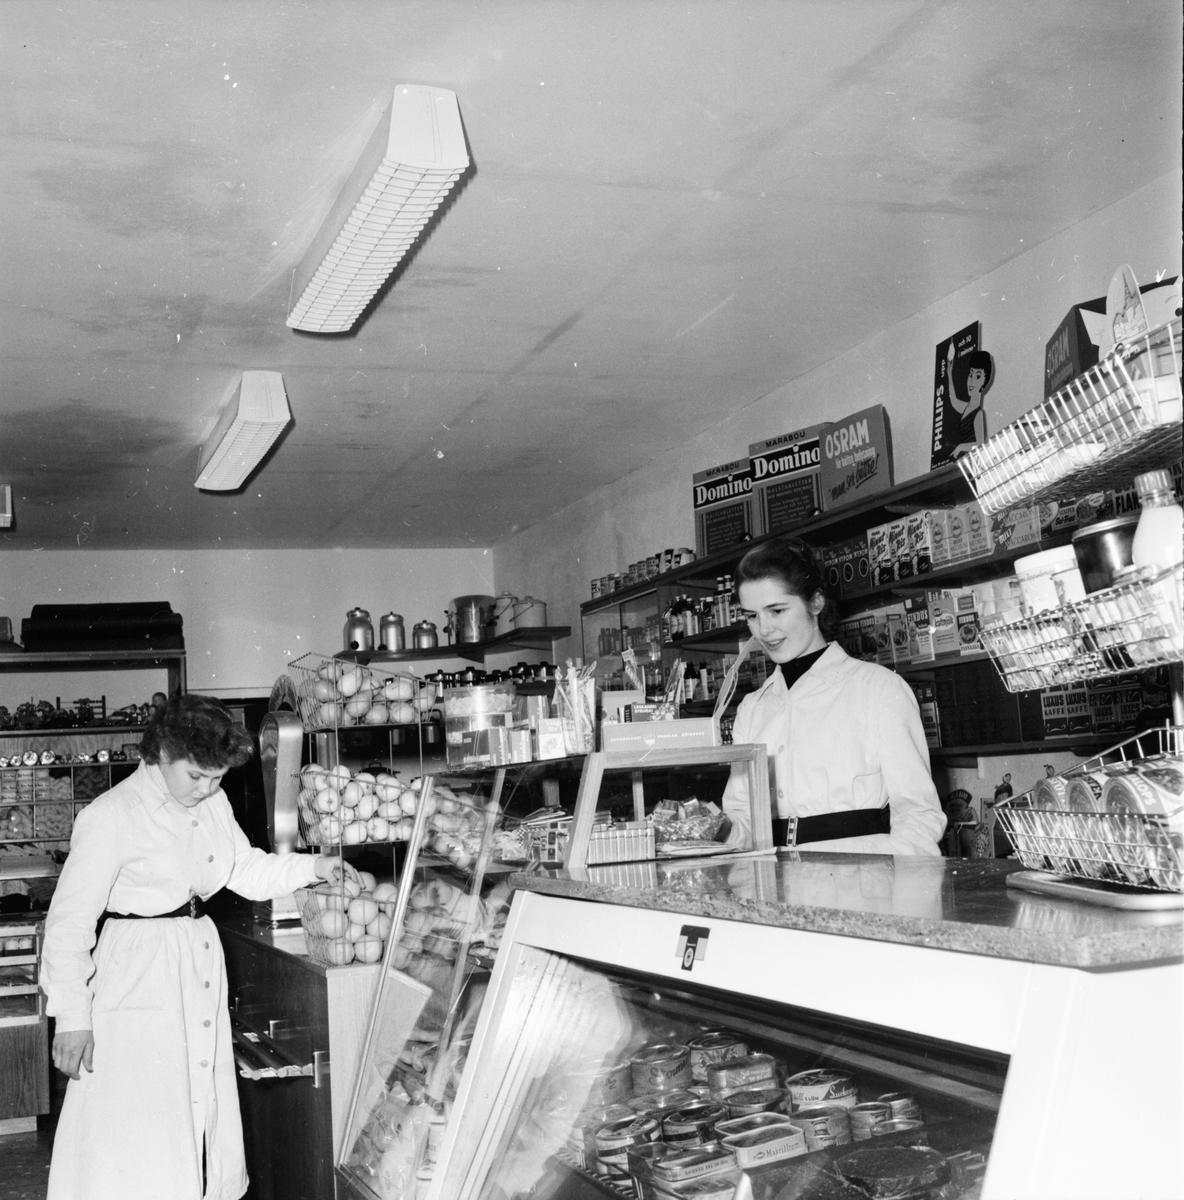 Bebyggelse och smedja. Handlare Hedin, Larsson Smederna Lagerhäll, Lindblom och Eriksson Undersvik januari 1956